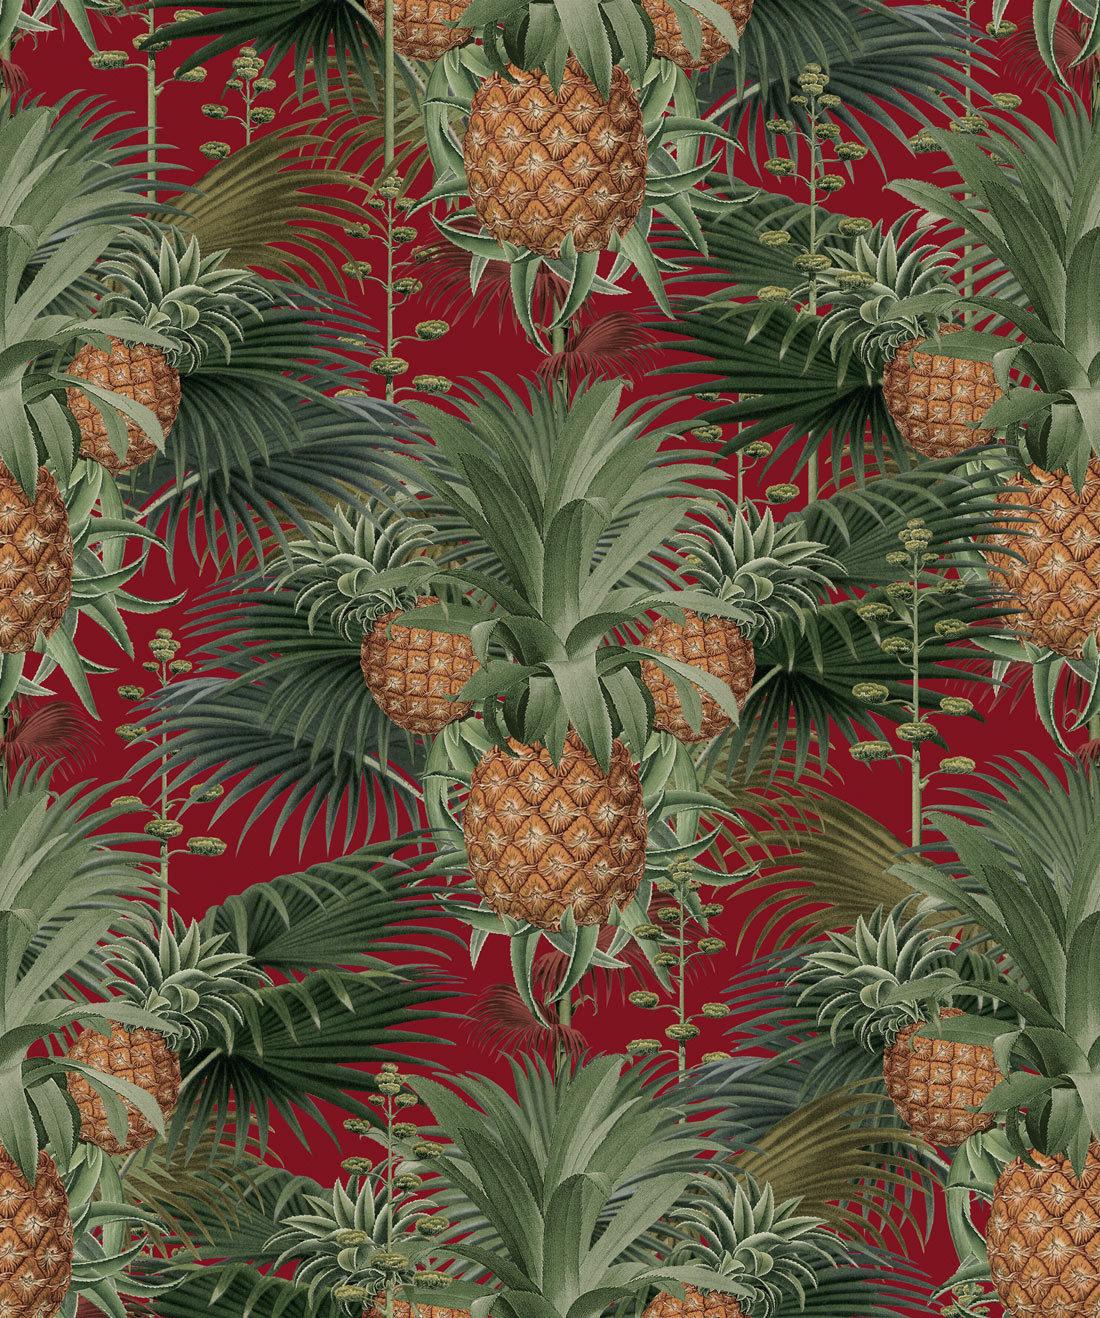 Pineapple Harvest Wallpaper